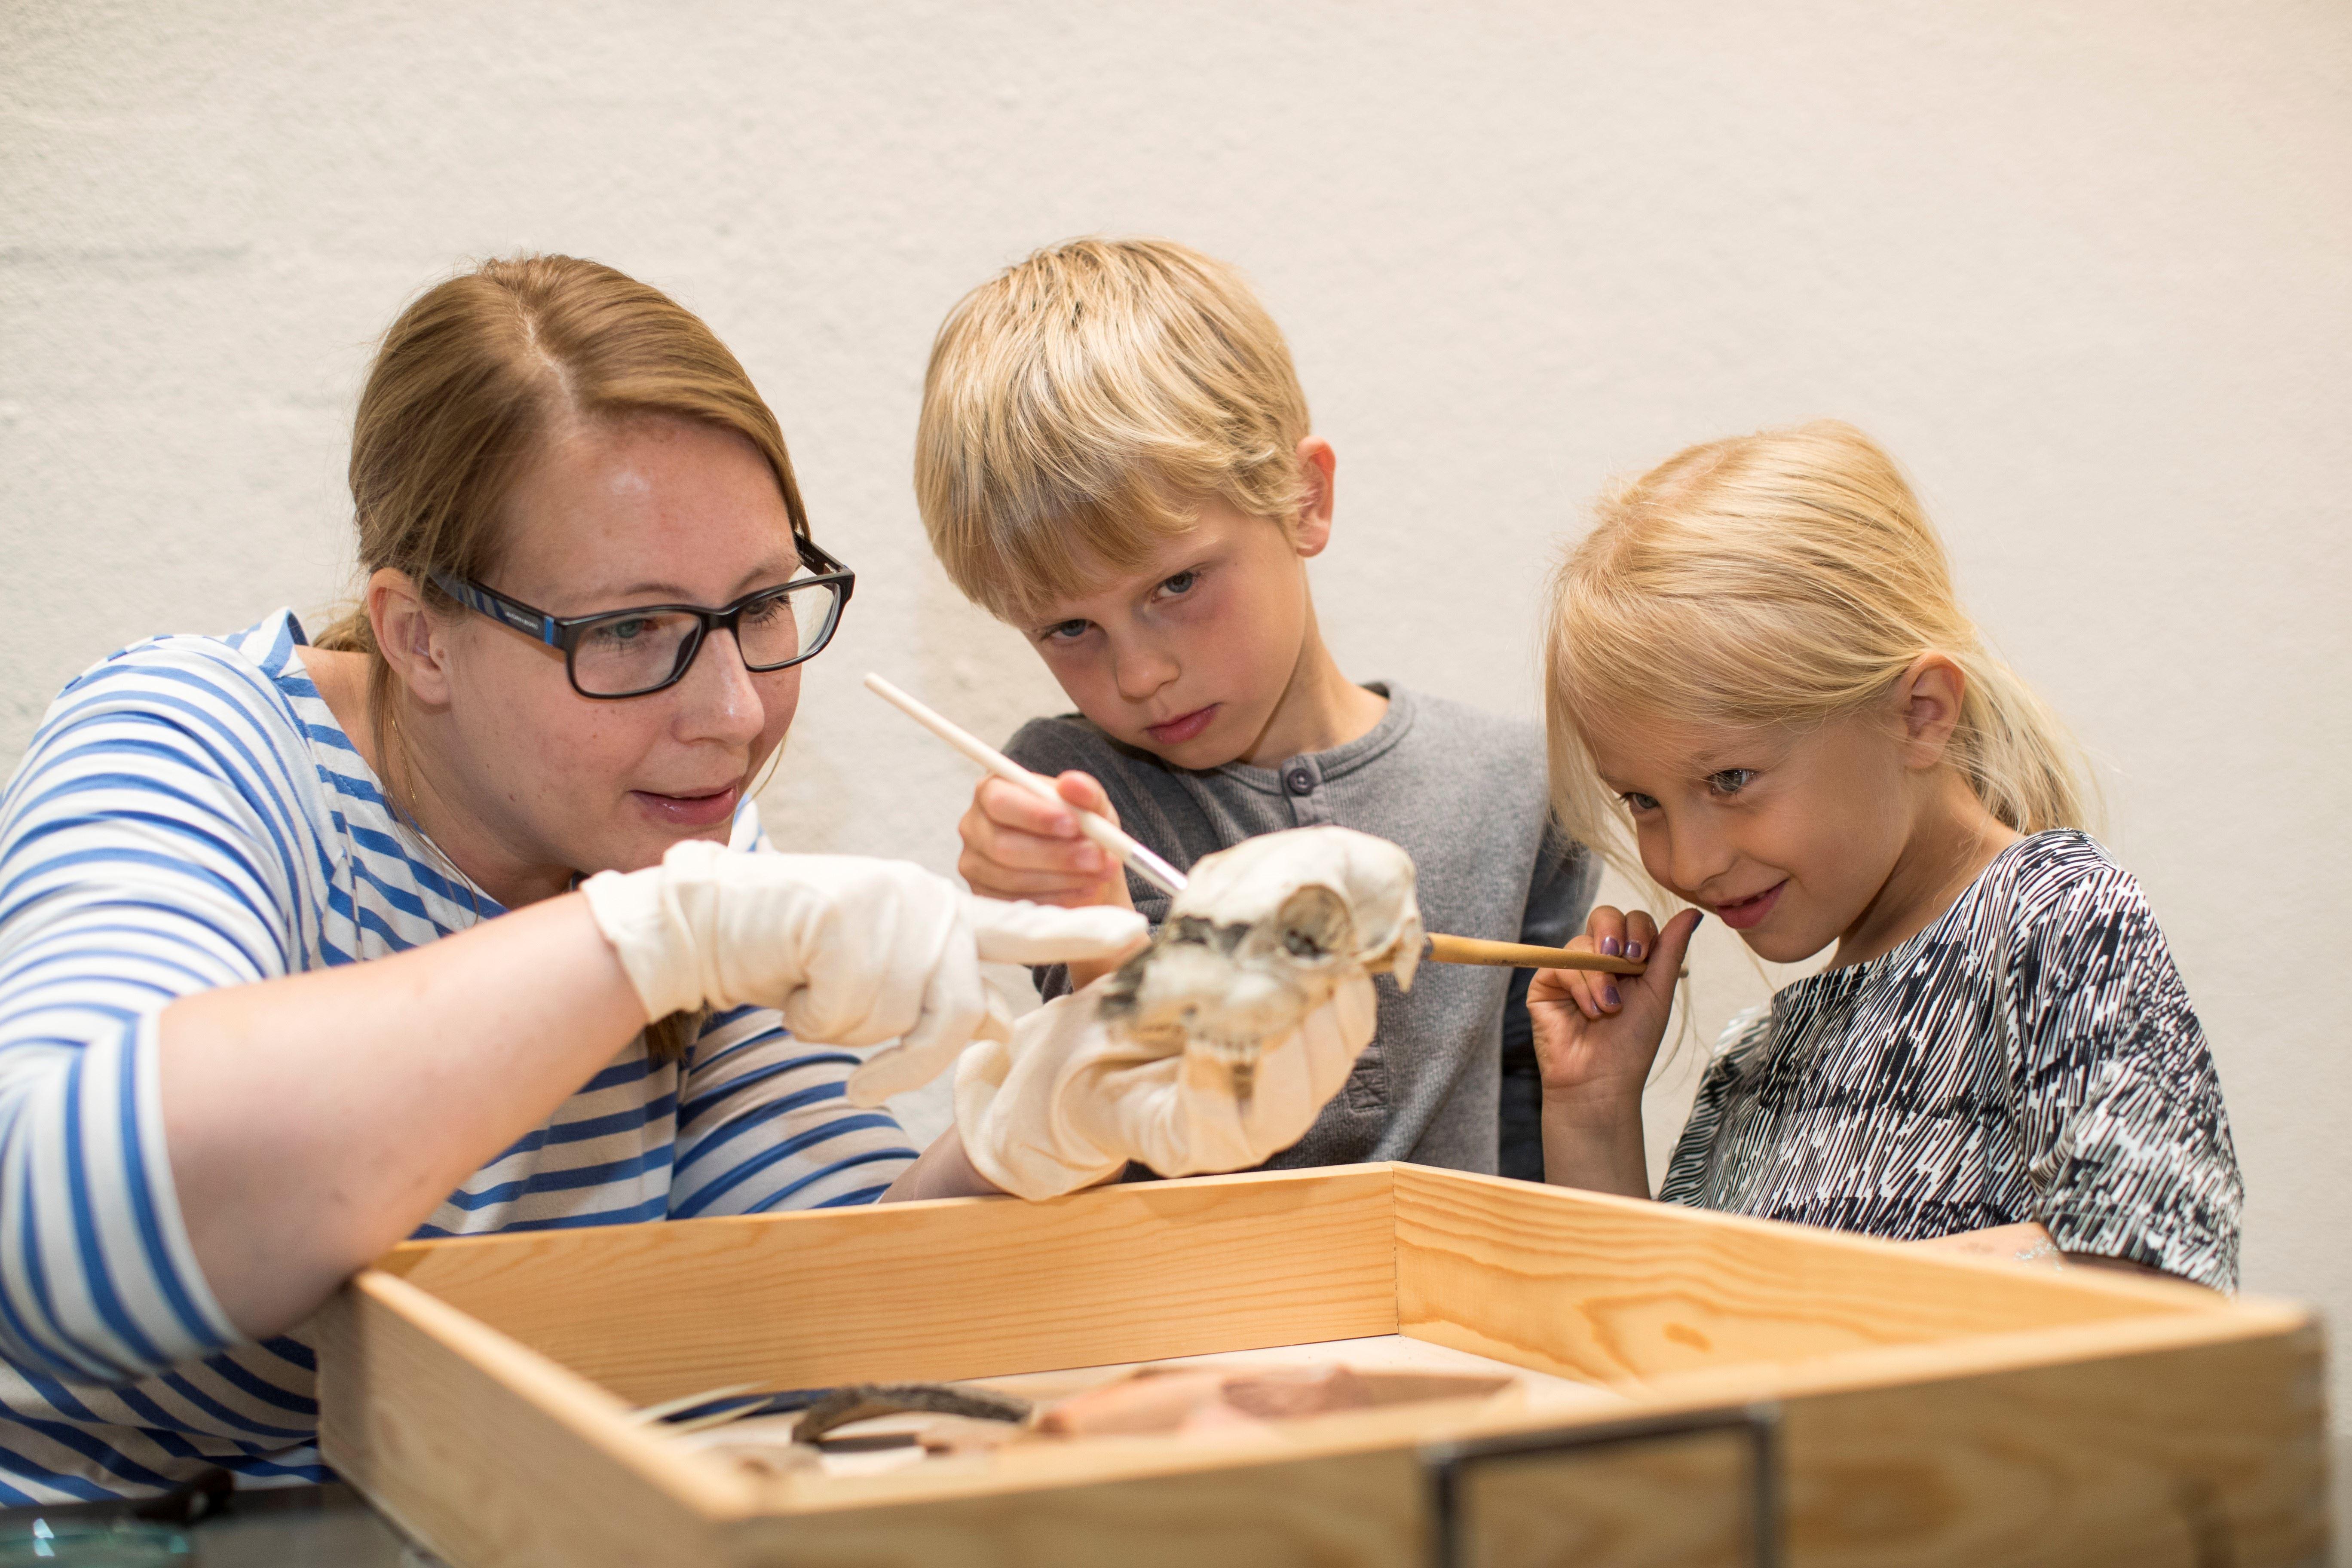 Arkeolog för en dag - höstlovsprogram på Ålands kulturhistoriska museum